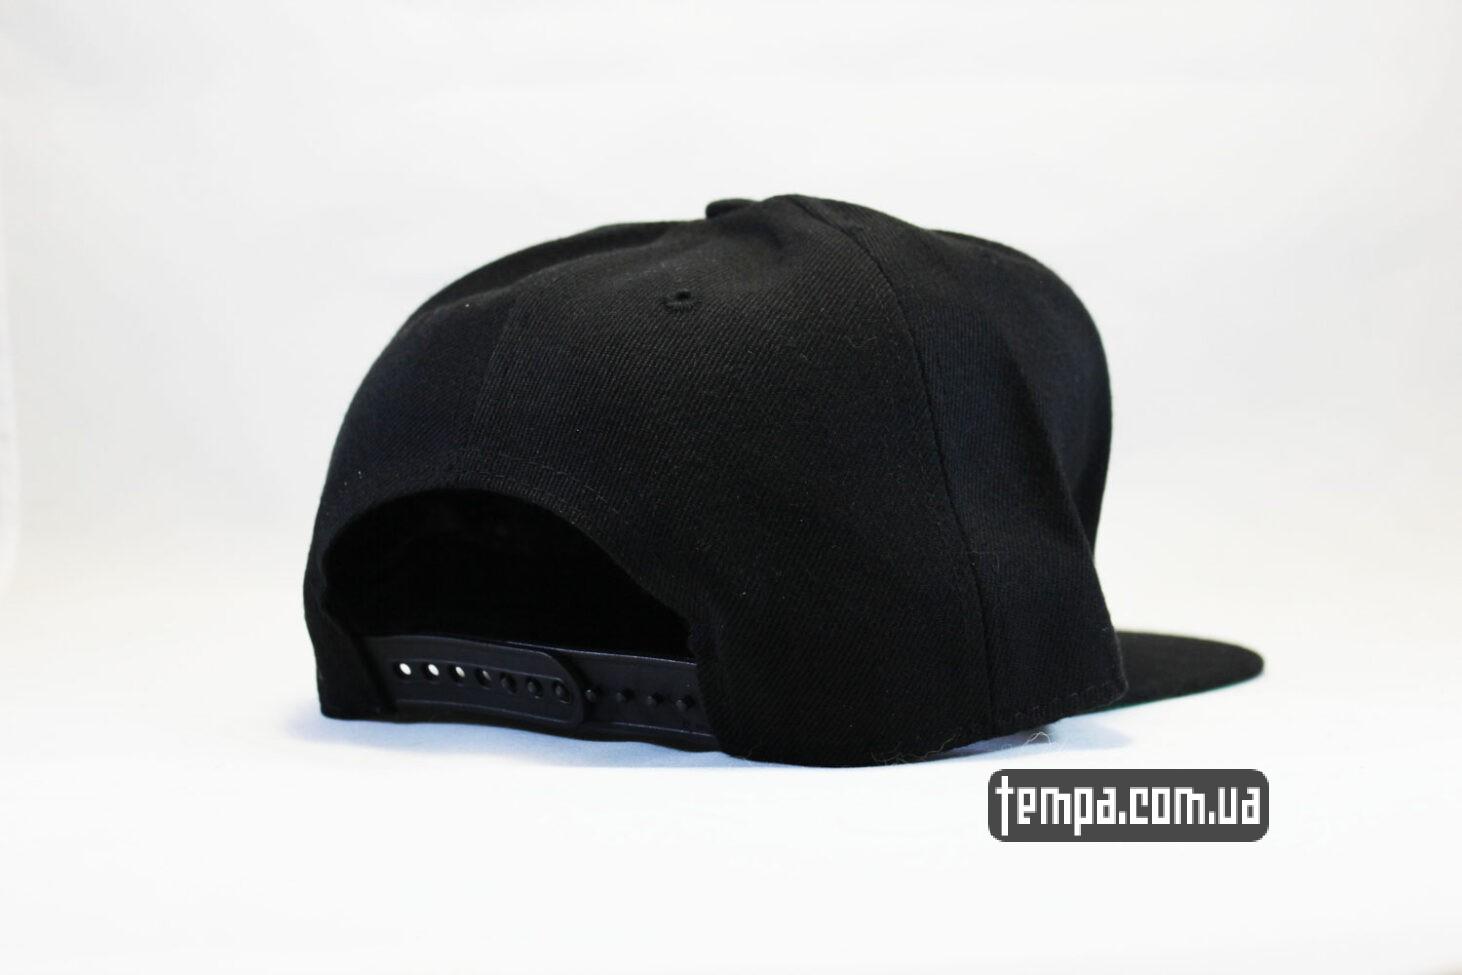 ссур киев одесса купить кепка snapback ssur одесса черная бейсболка